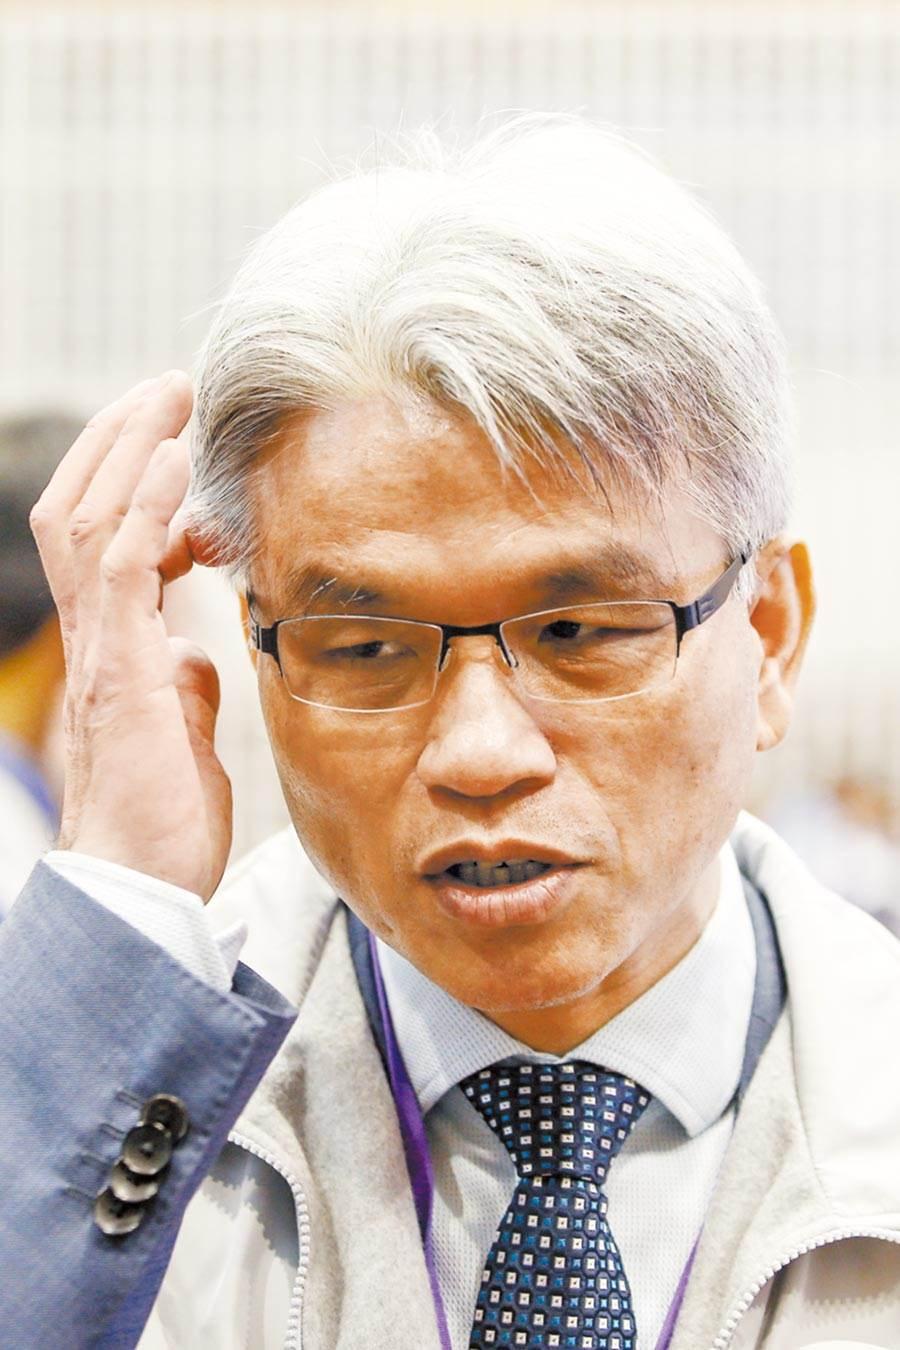 前中選會主委陳英鈐因選務疏失,遭公懲會判罰20萬元。(資料照片)